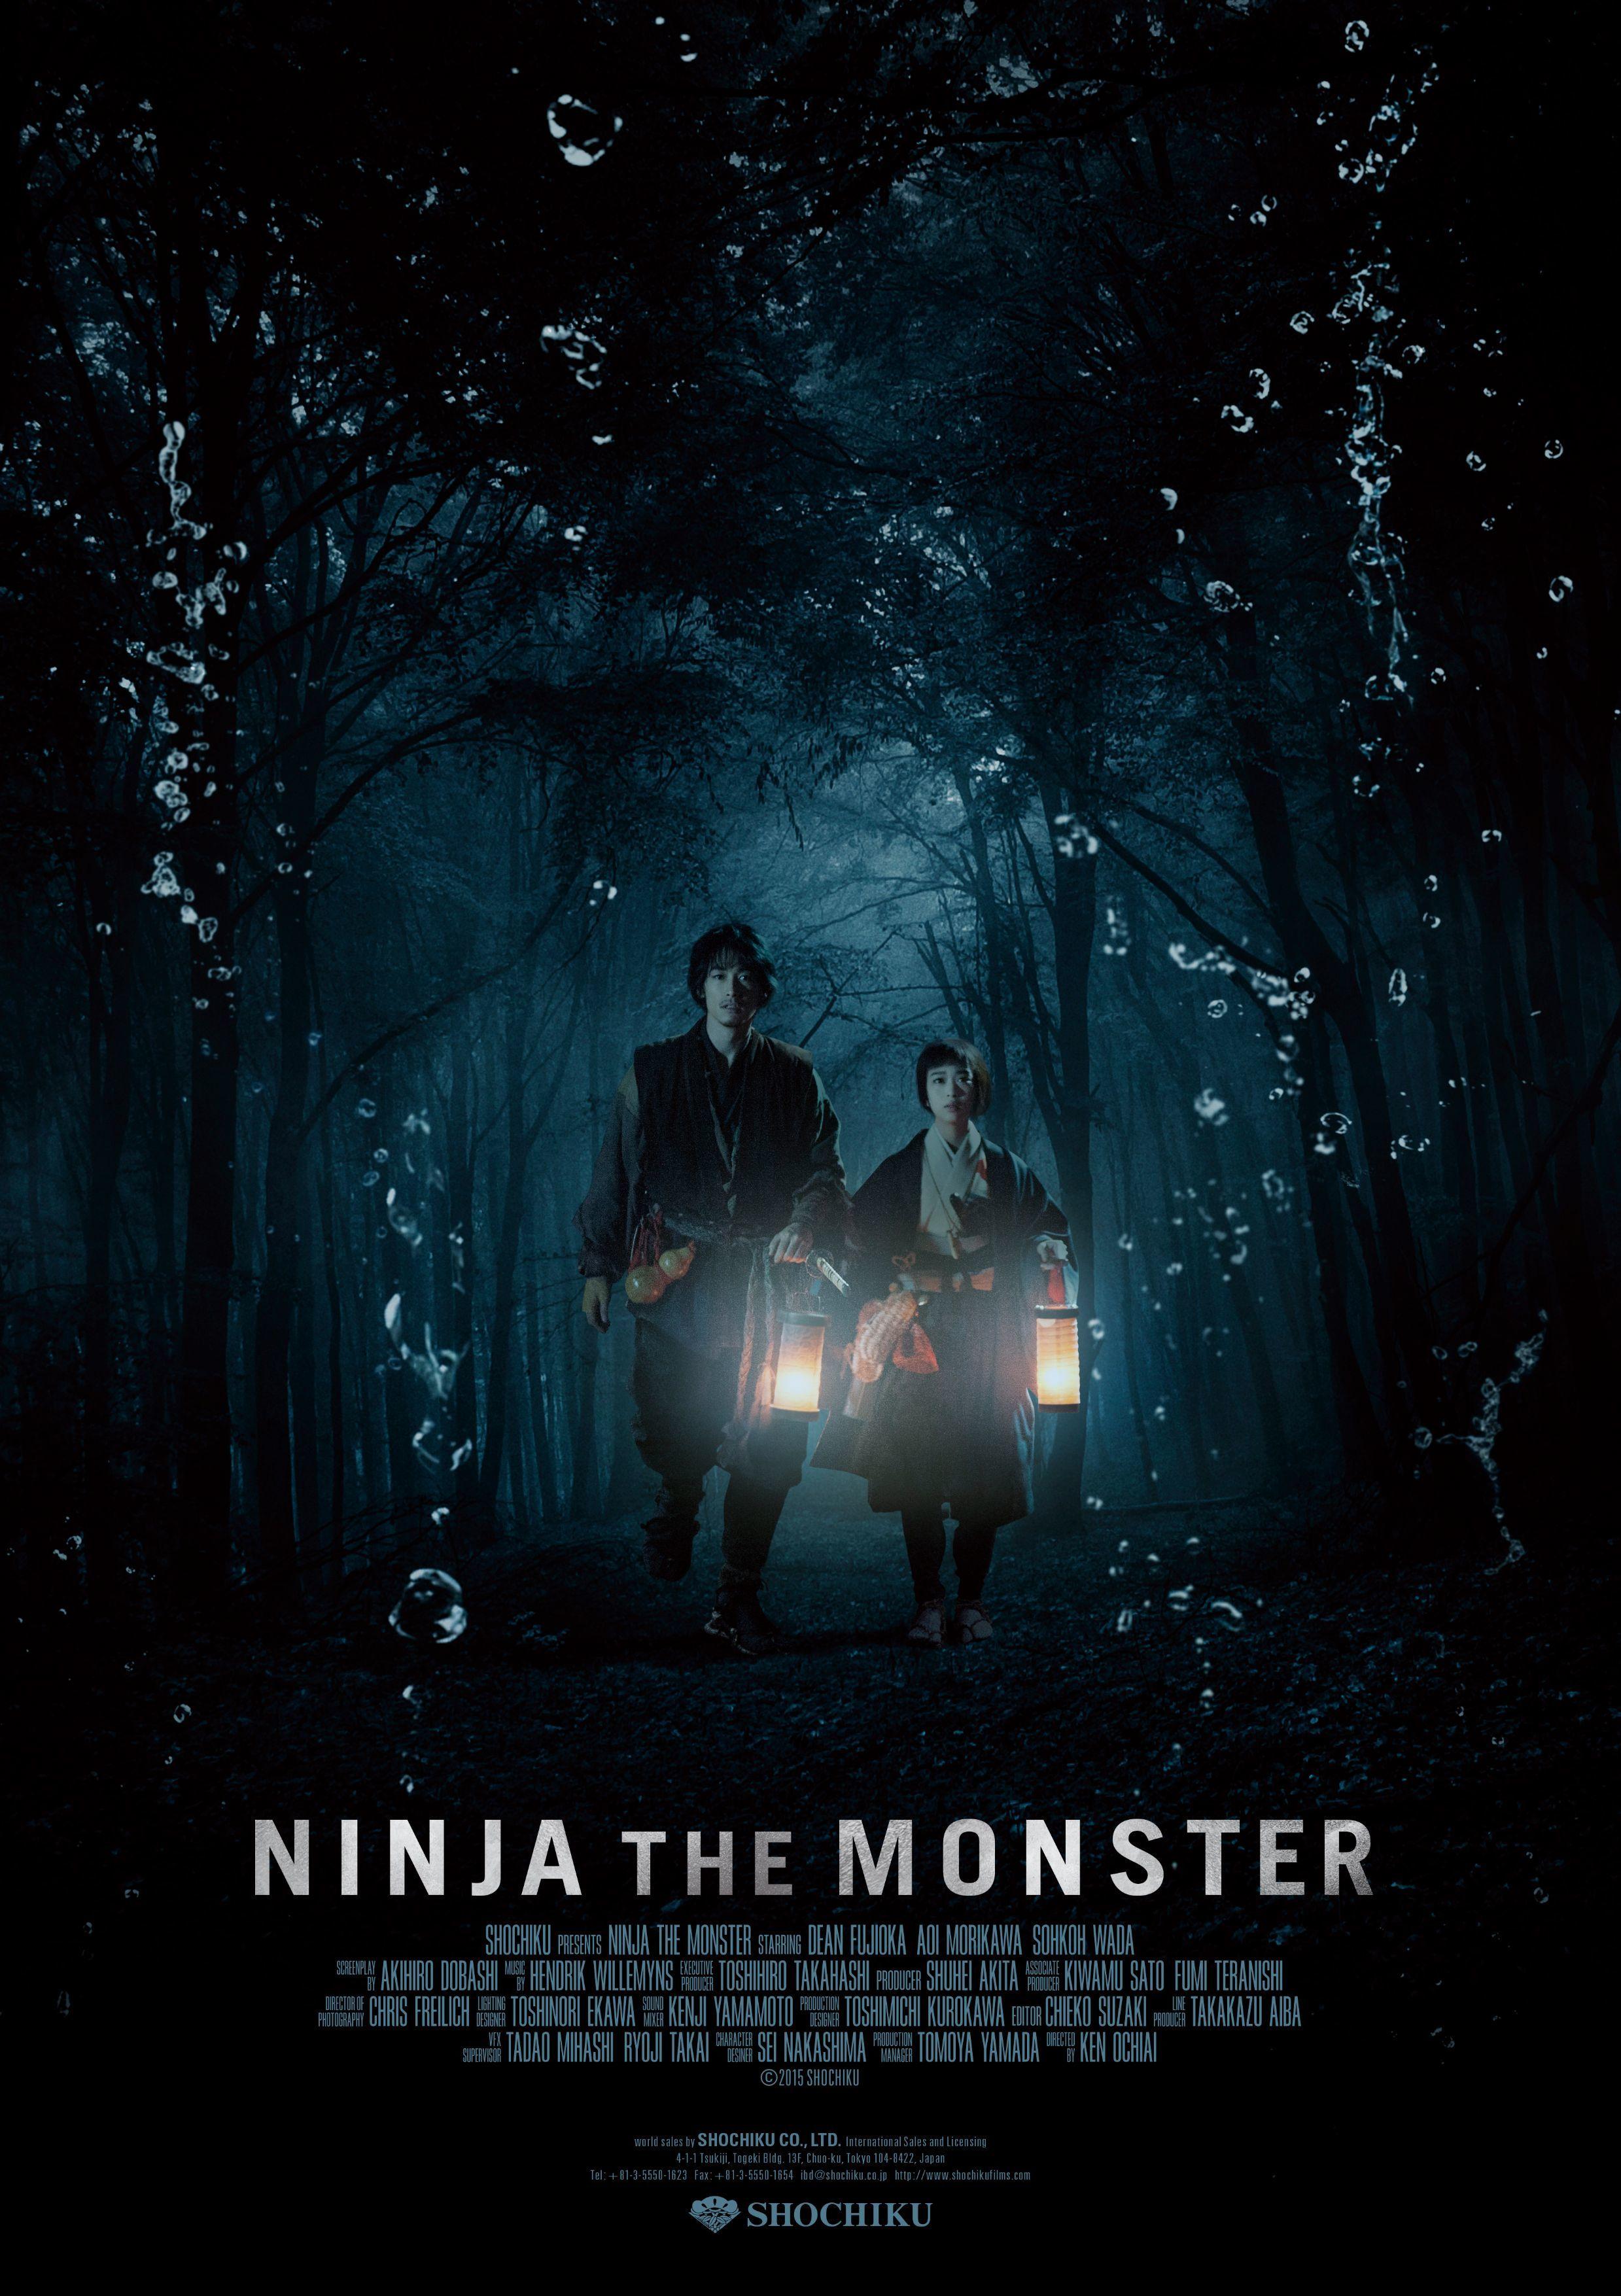 『NINJA THE MONSTER』 海外版ポスター